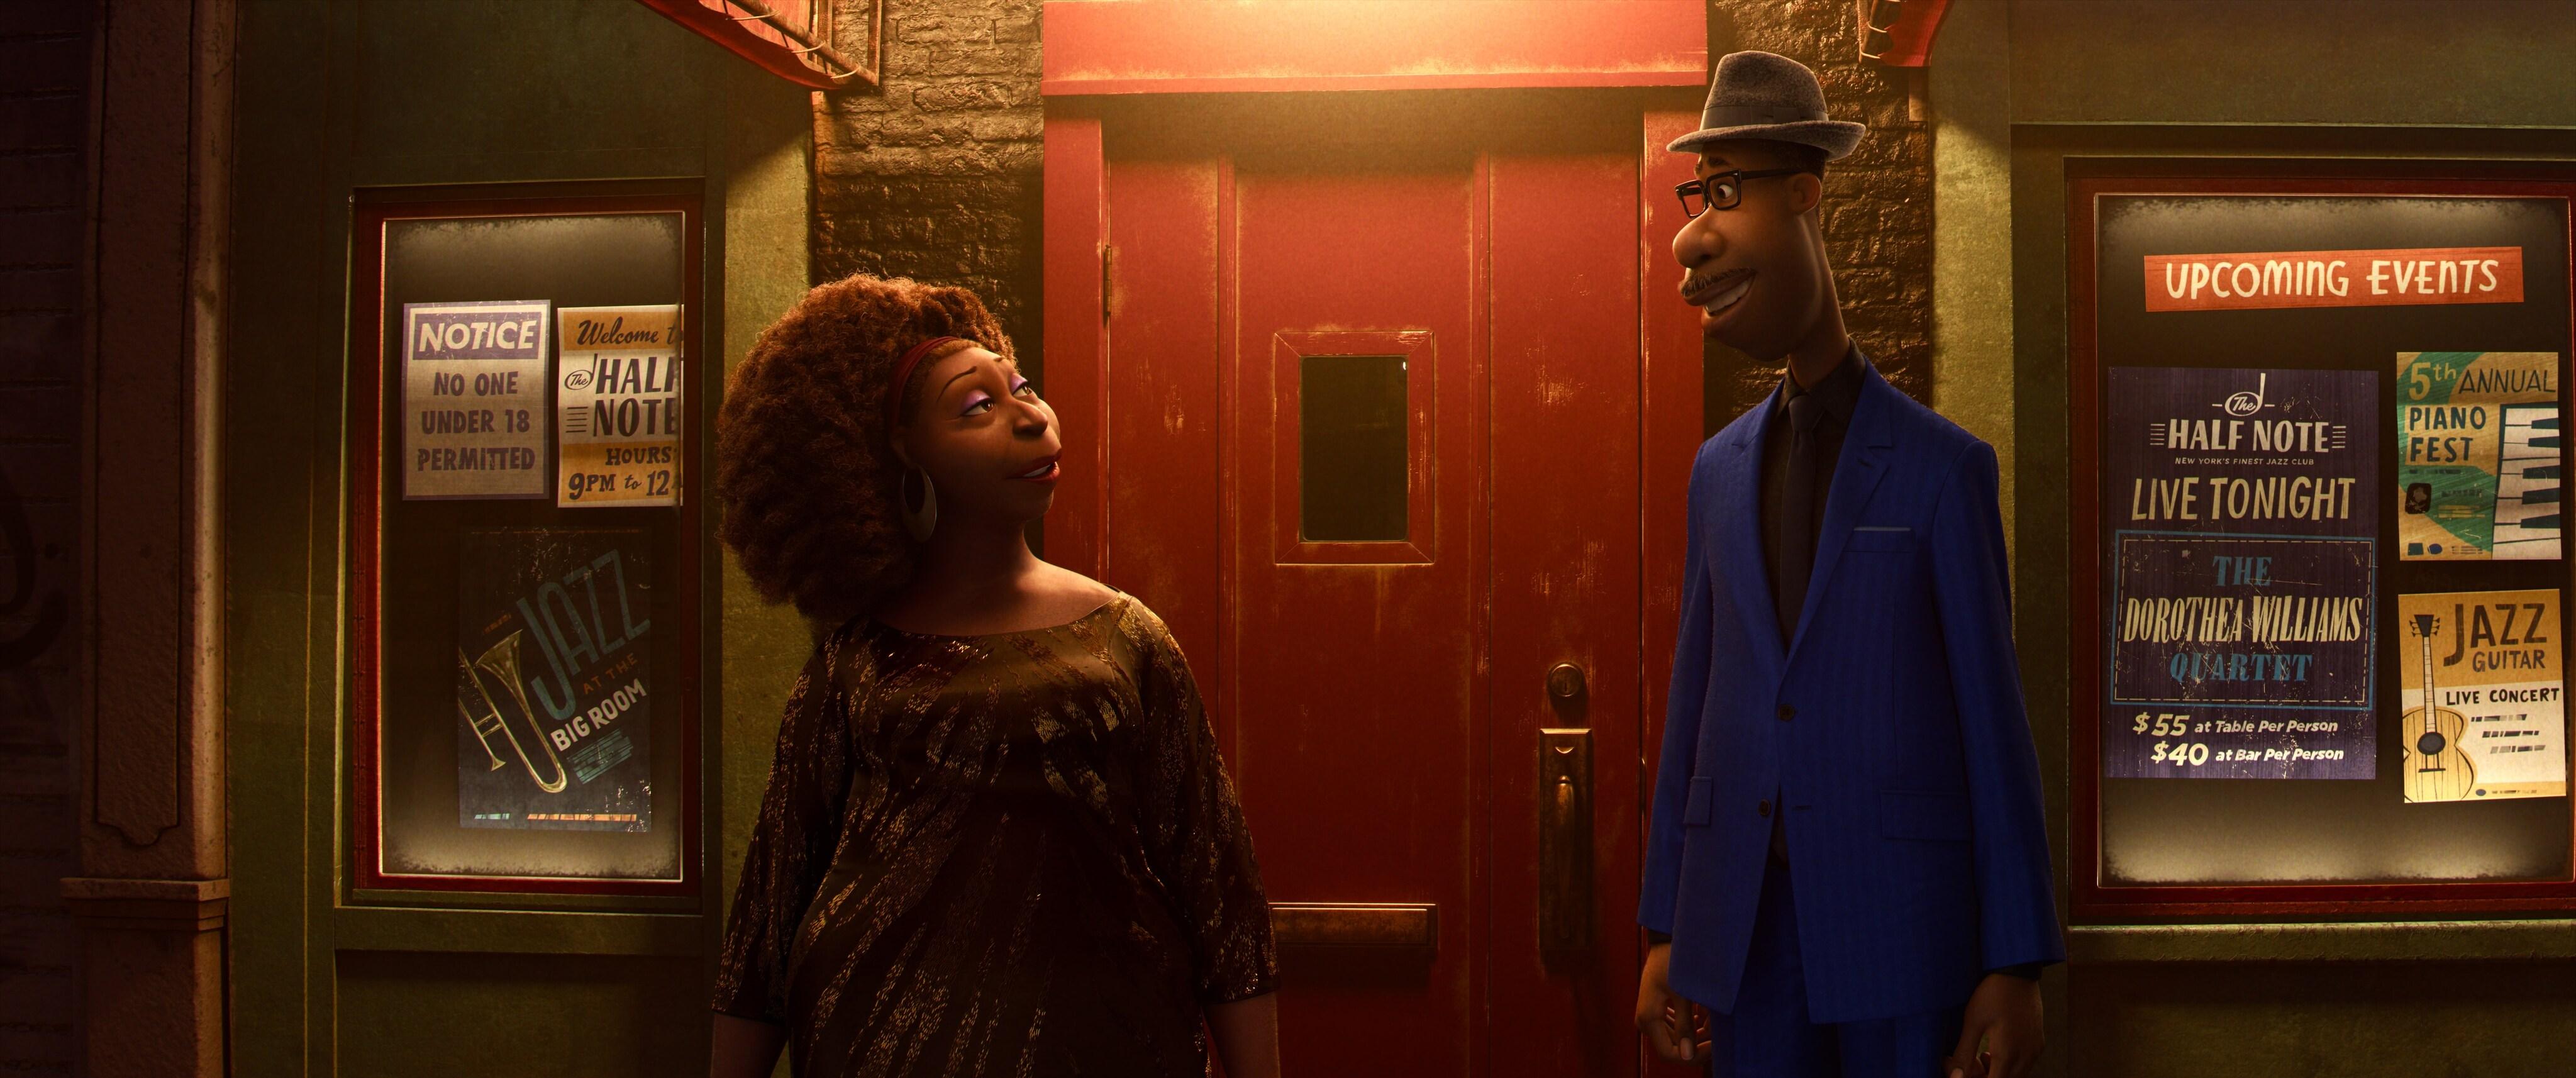 Joe and Dorothea Williams in Pixar's Soul